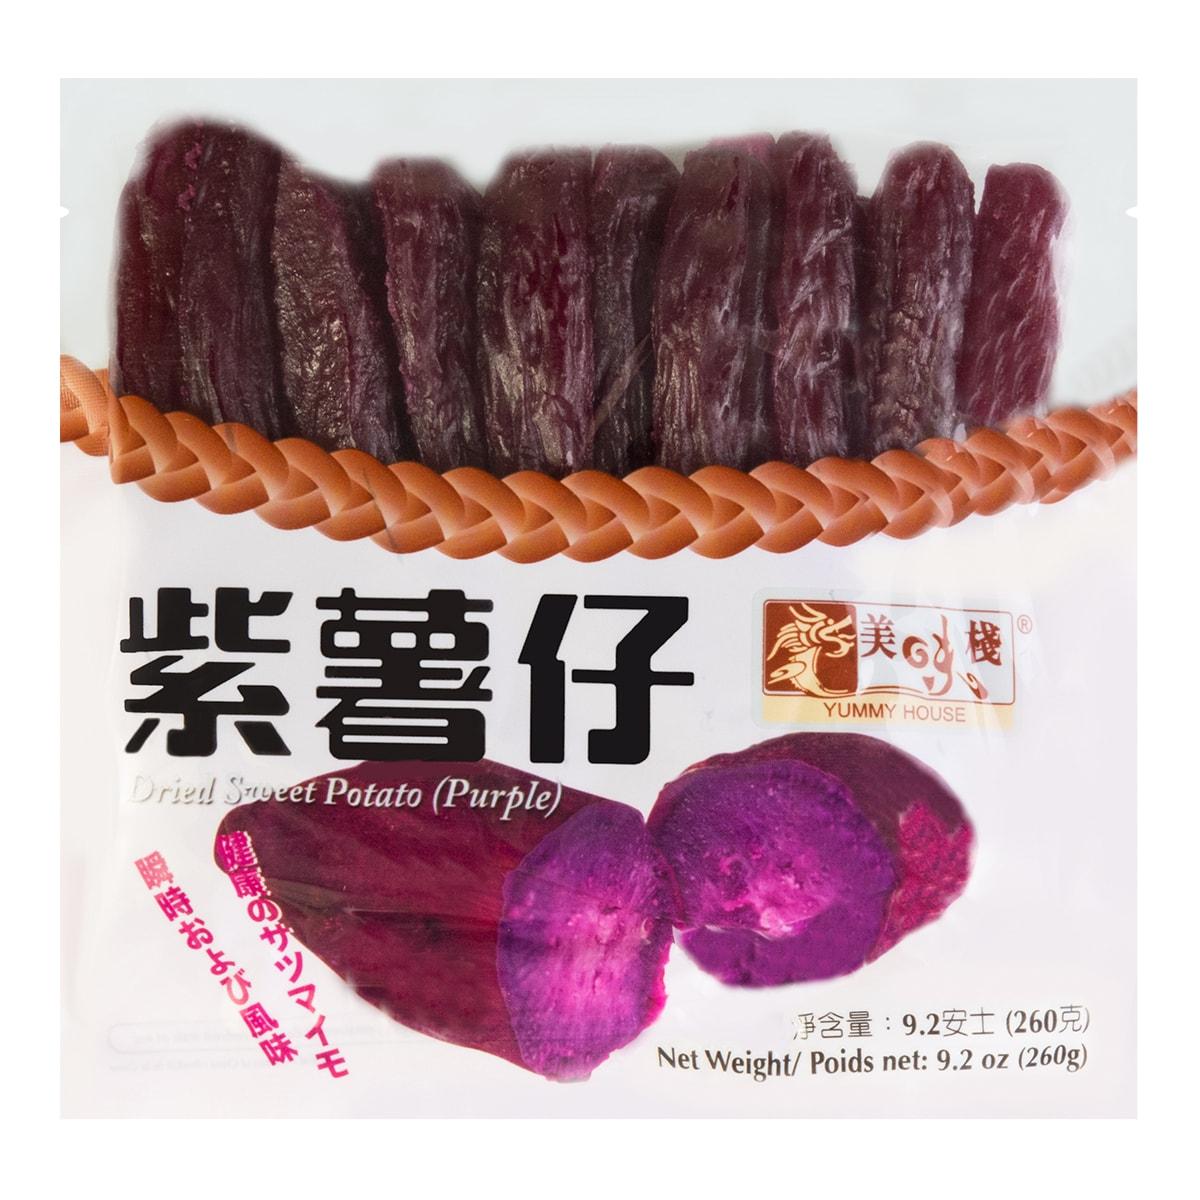 香港美味栈 健康粗纤维紫薯仔 260g